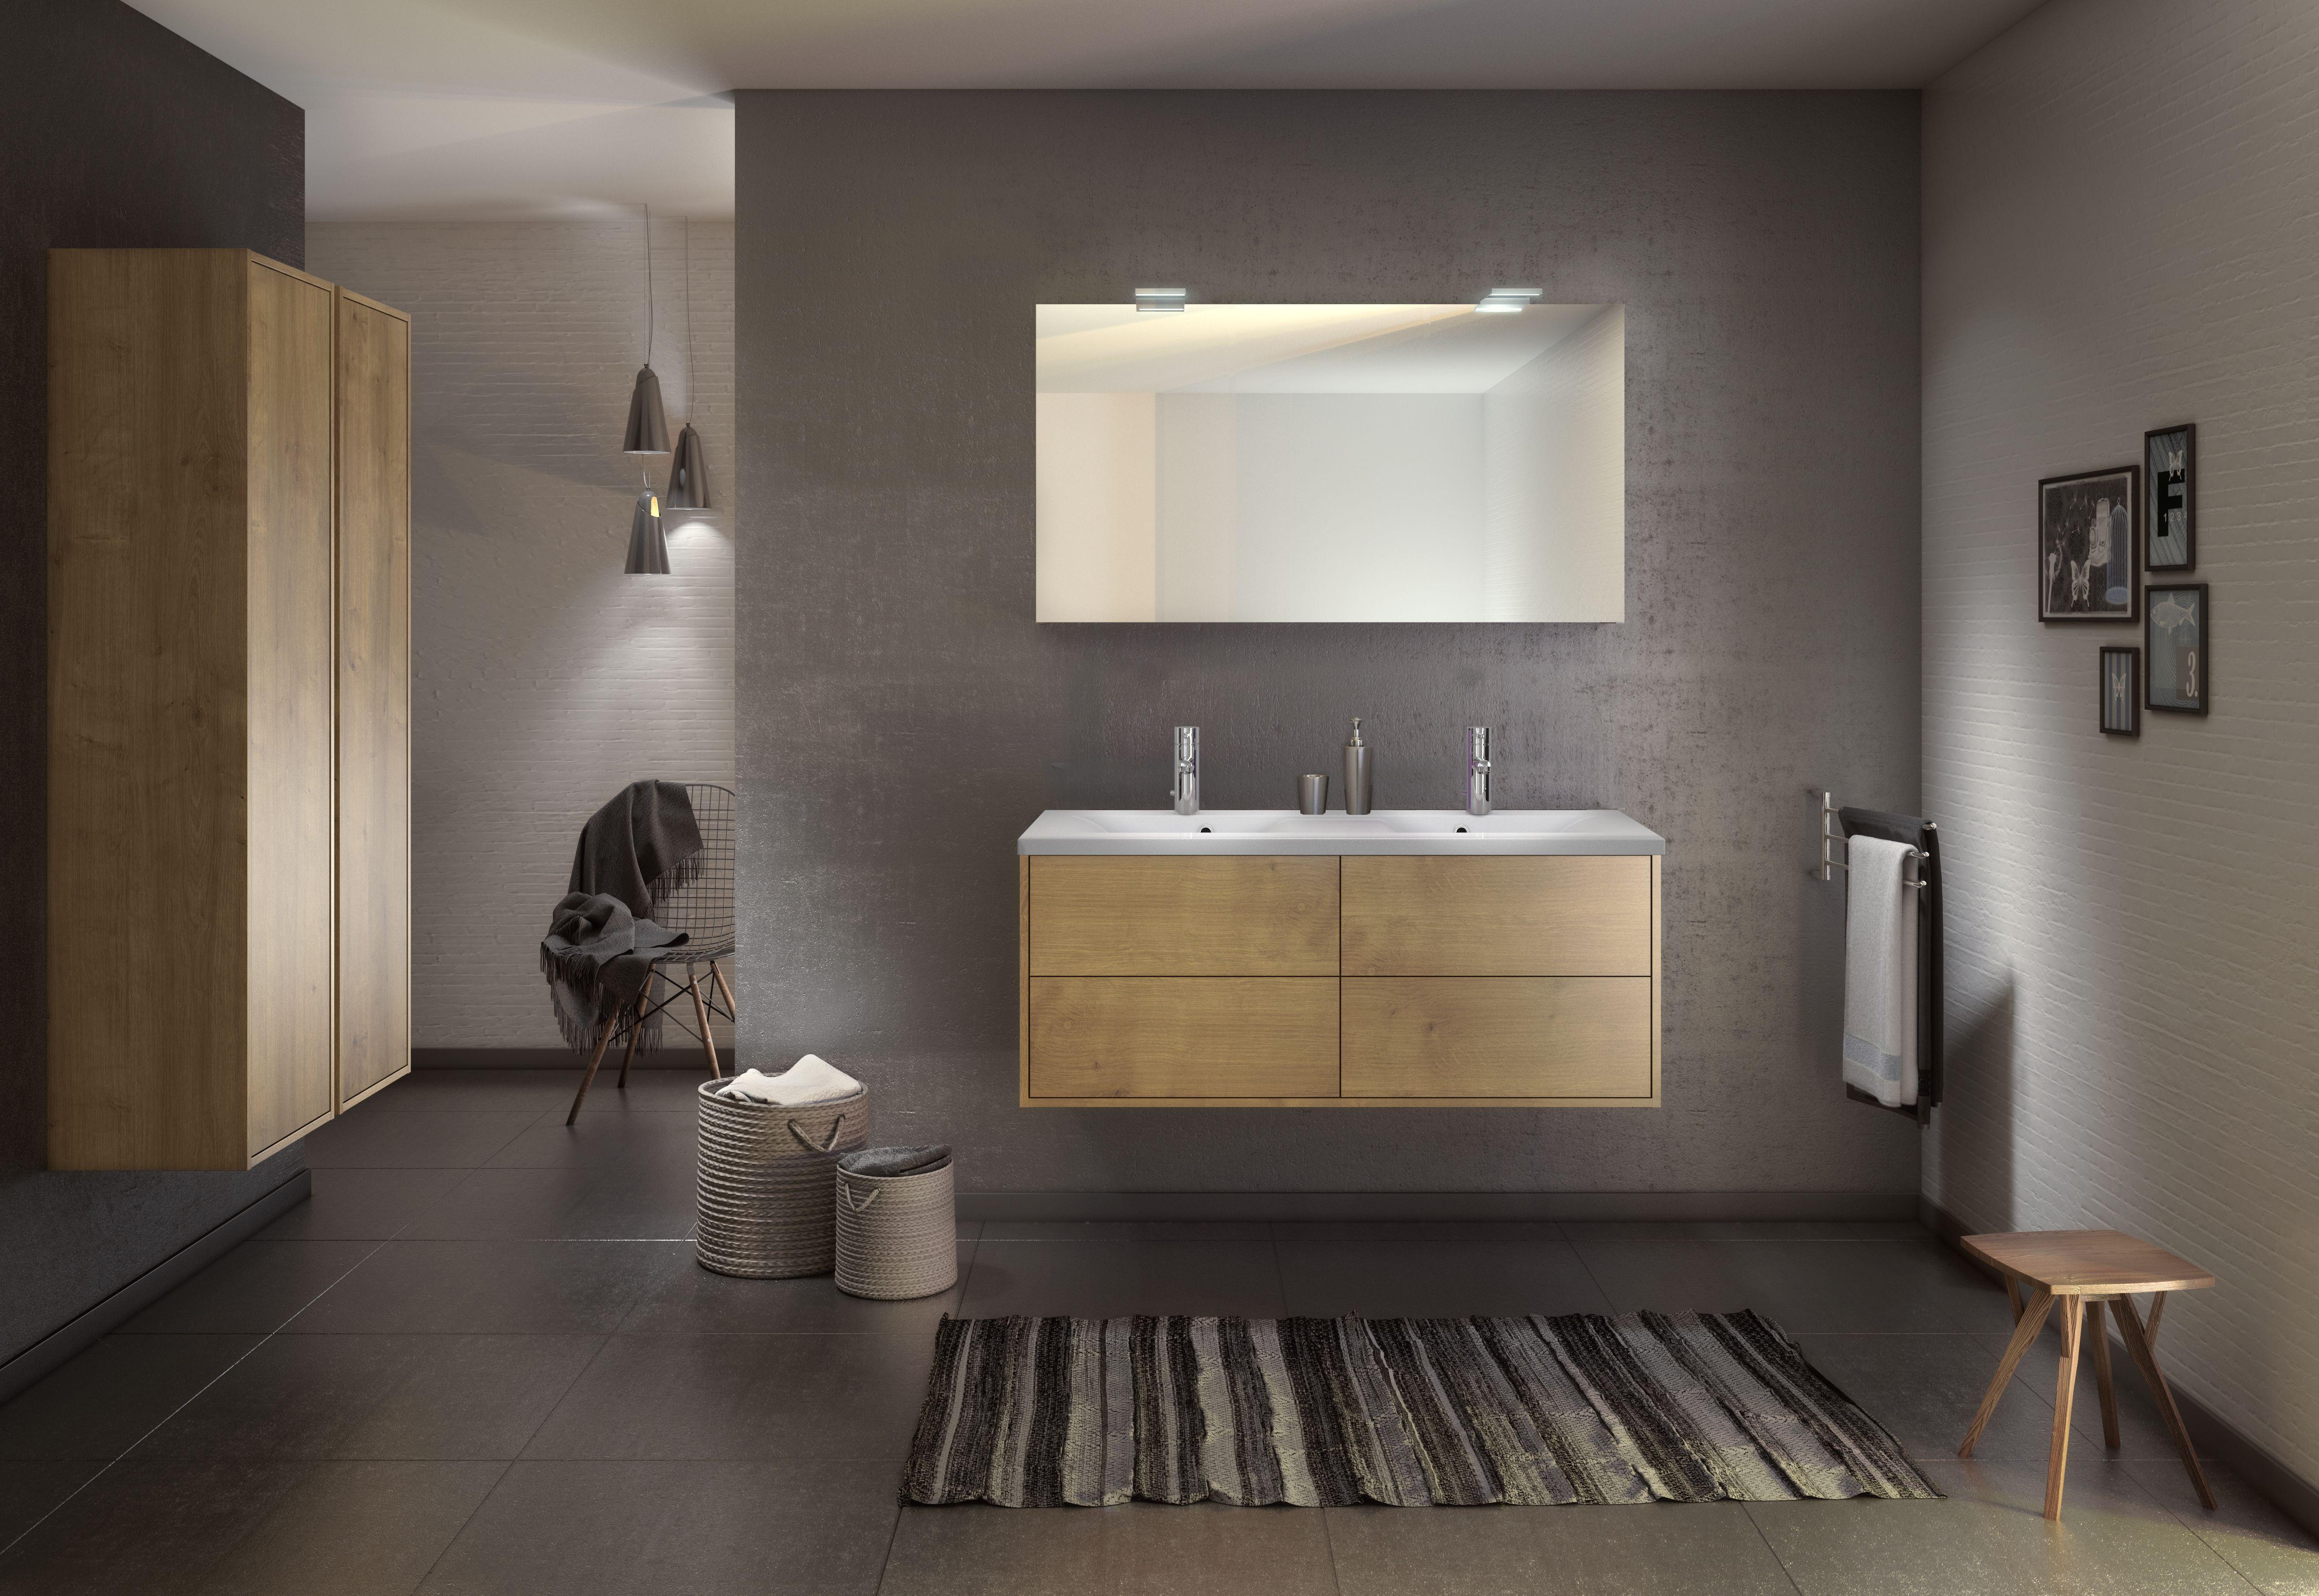 Salle De Bains France ~ meubles de salle de bain marny allibert france salle de bains